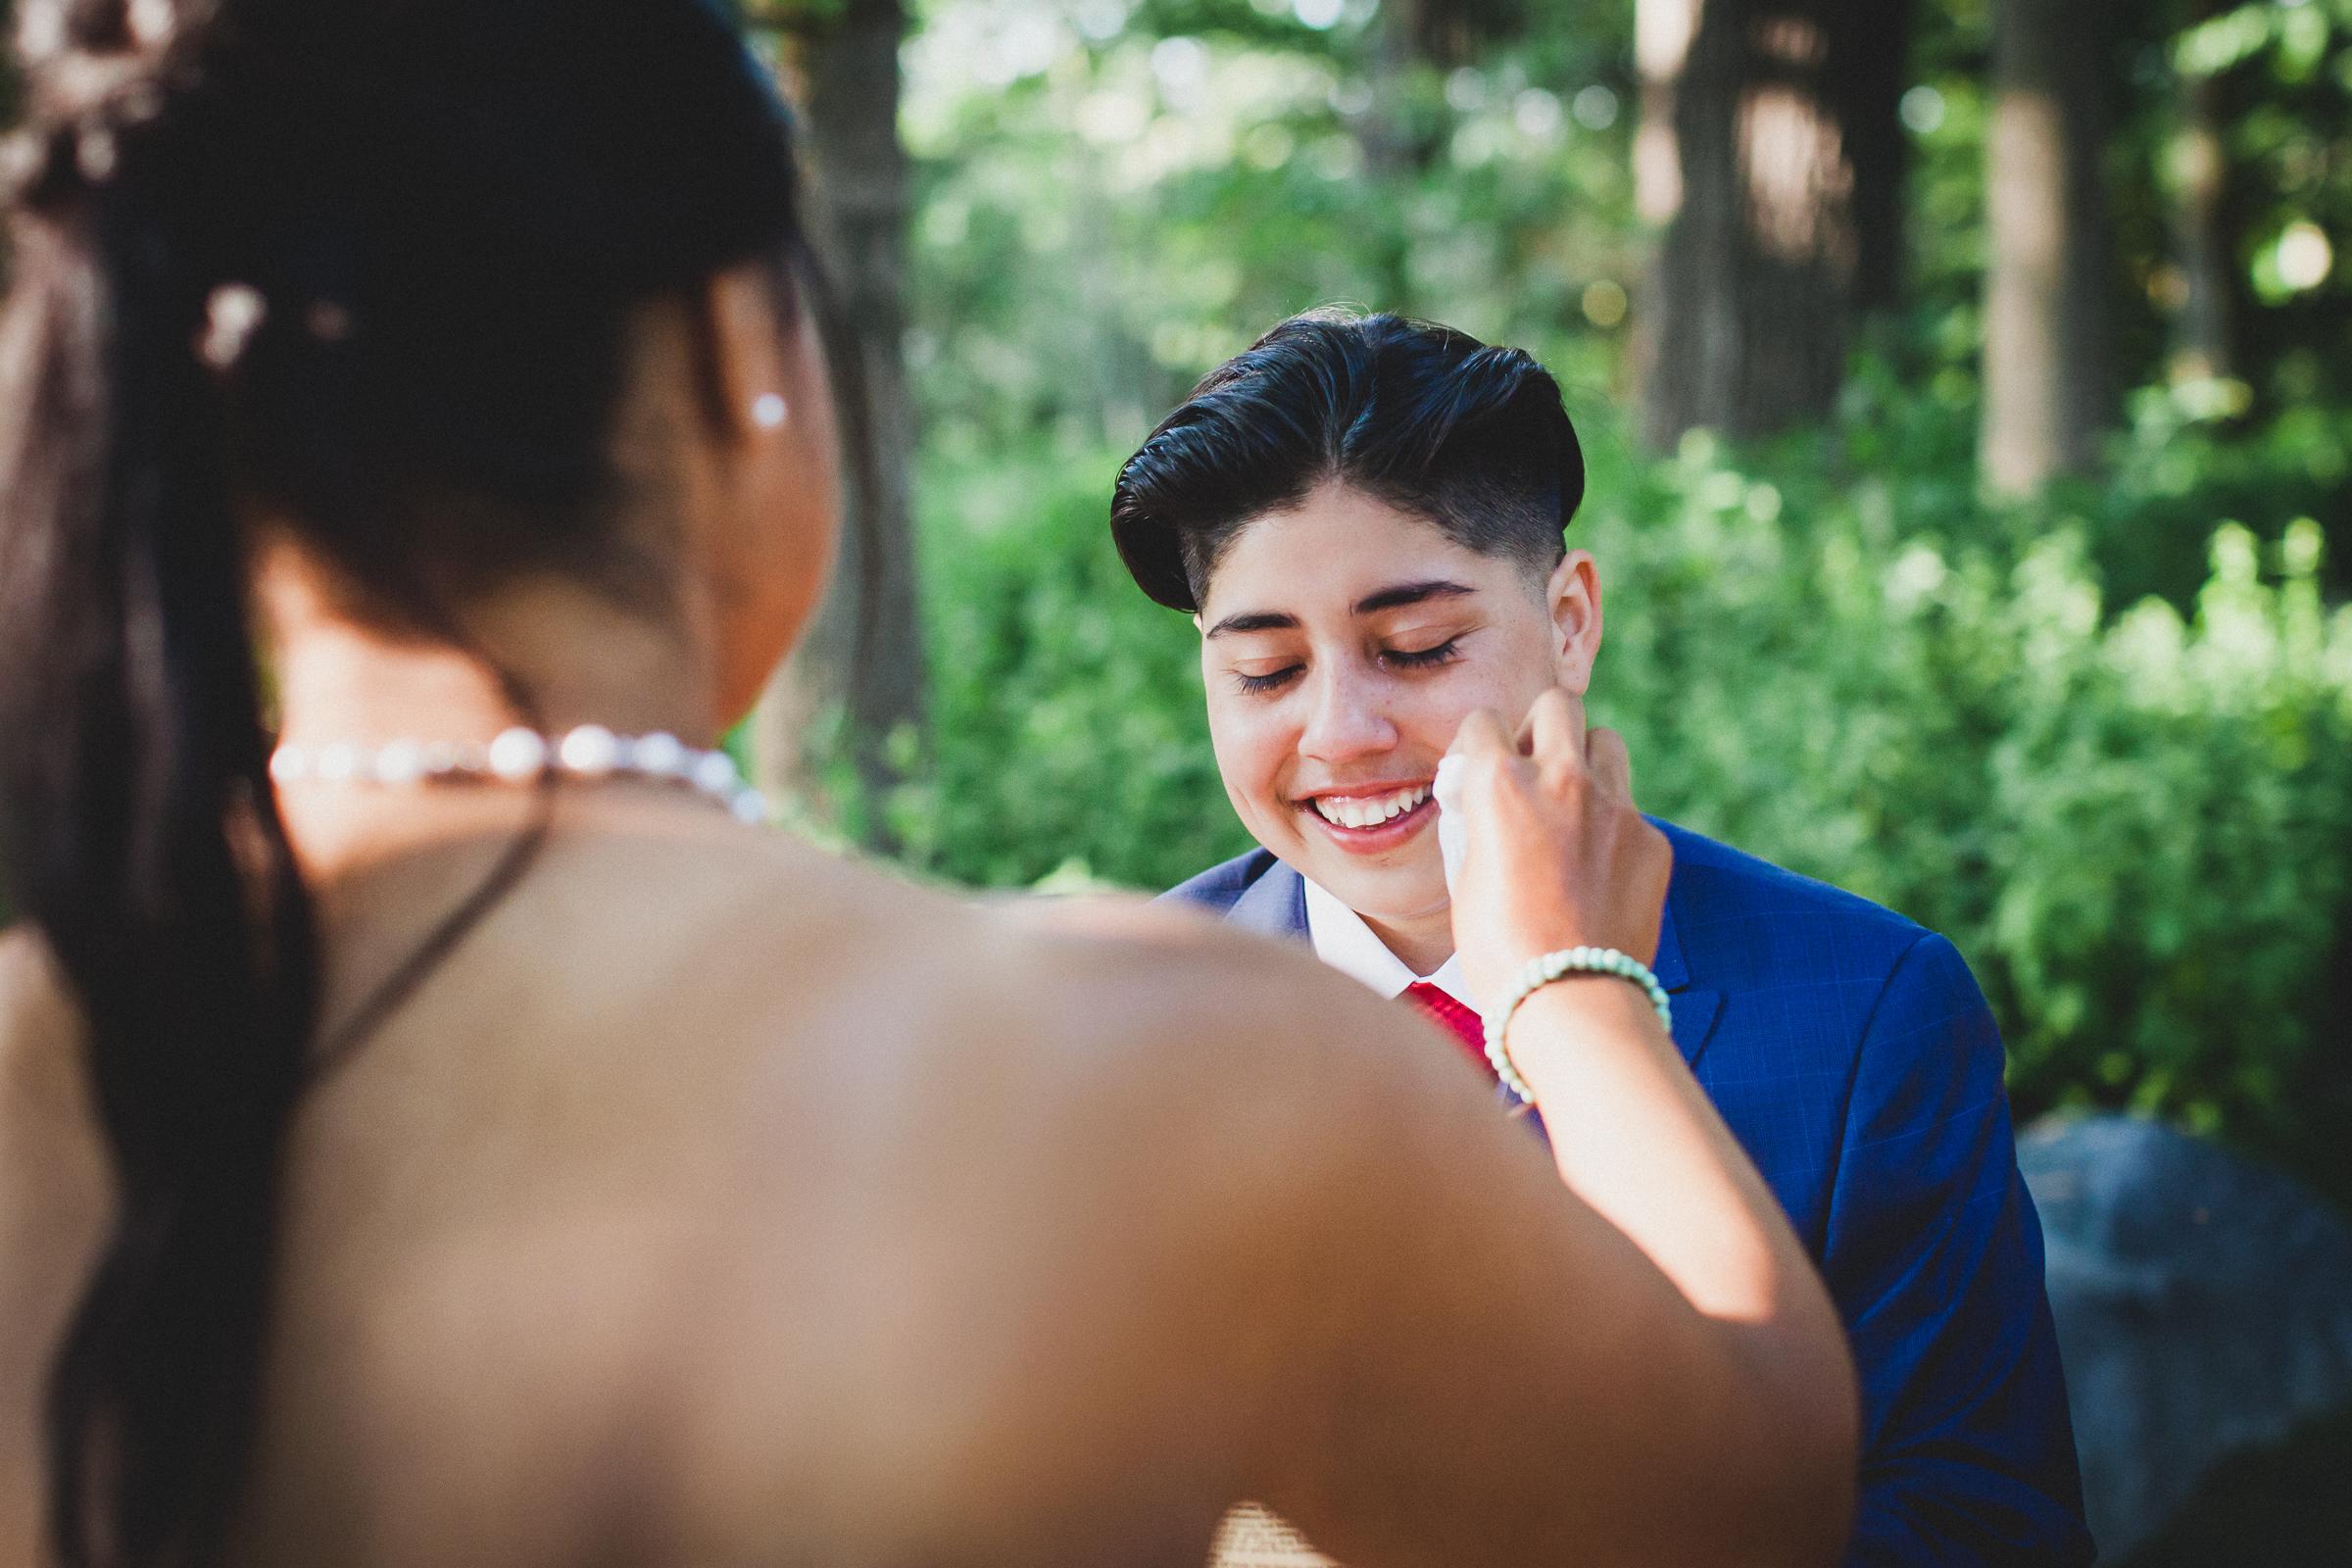 Long-Island-Documentary-Wedding-Photographer-Avalon-Park-Wedding-Photos-30.jpg